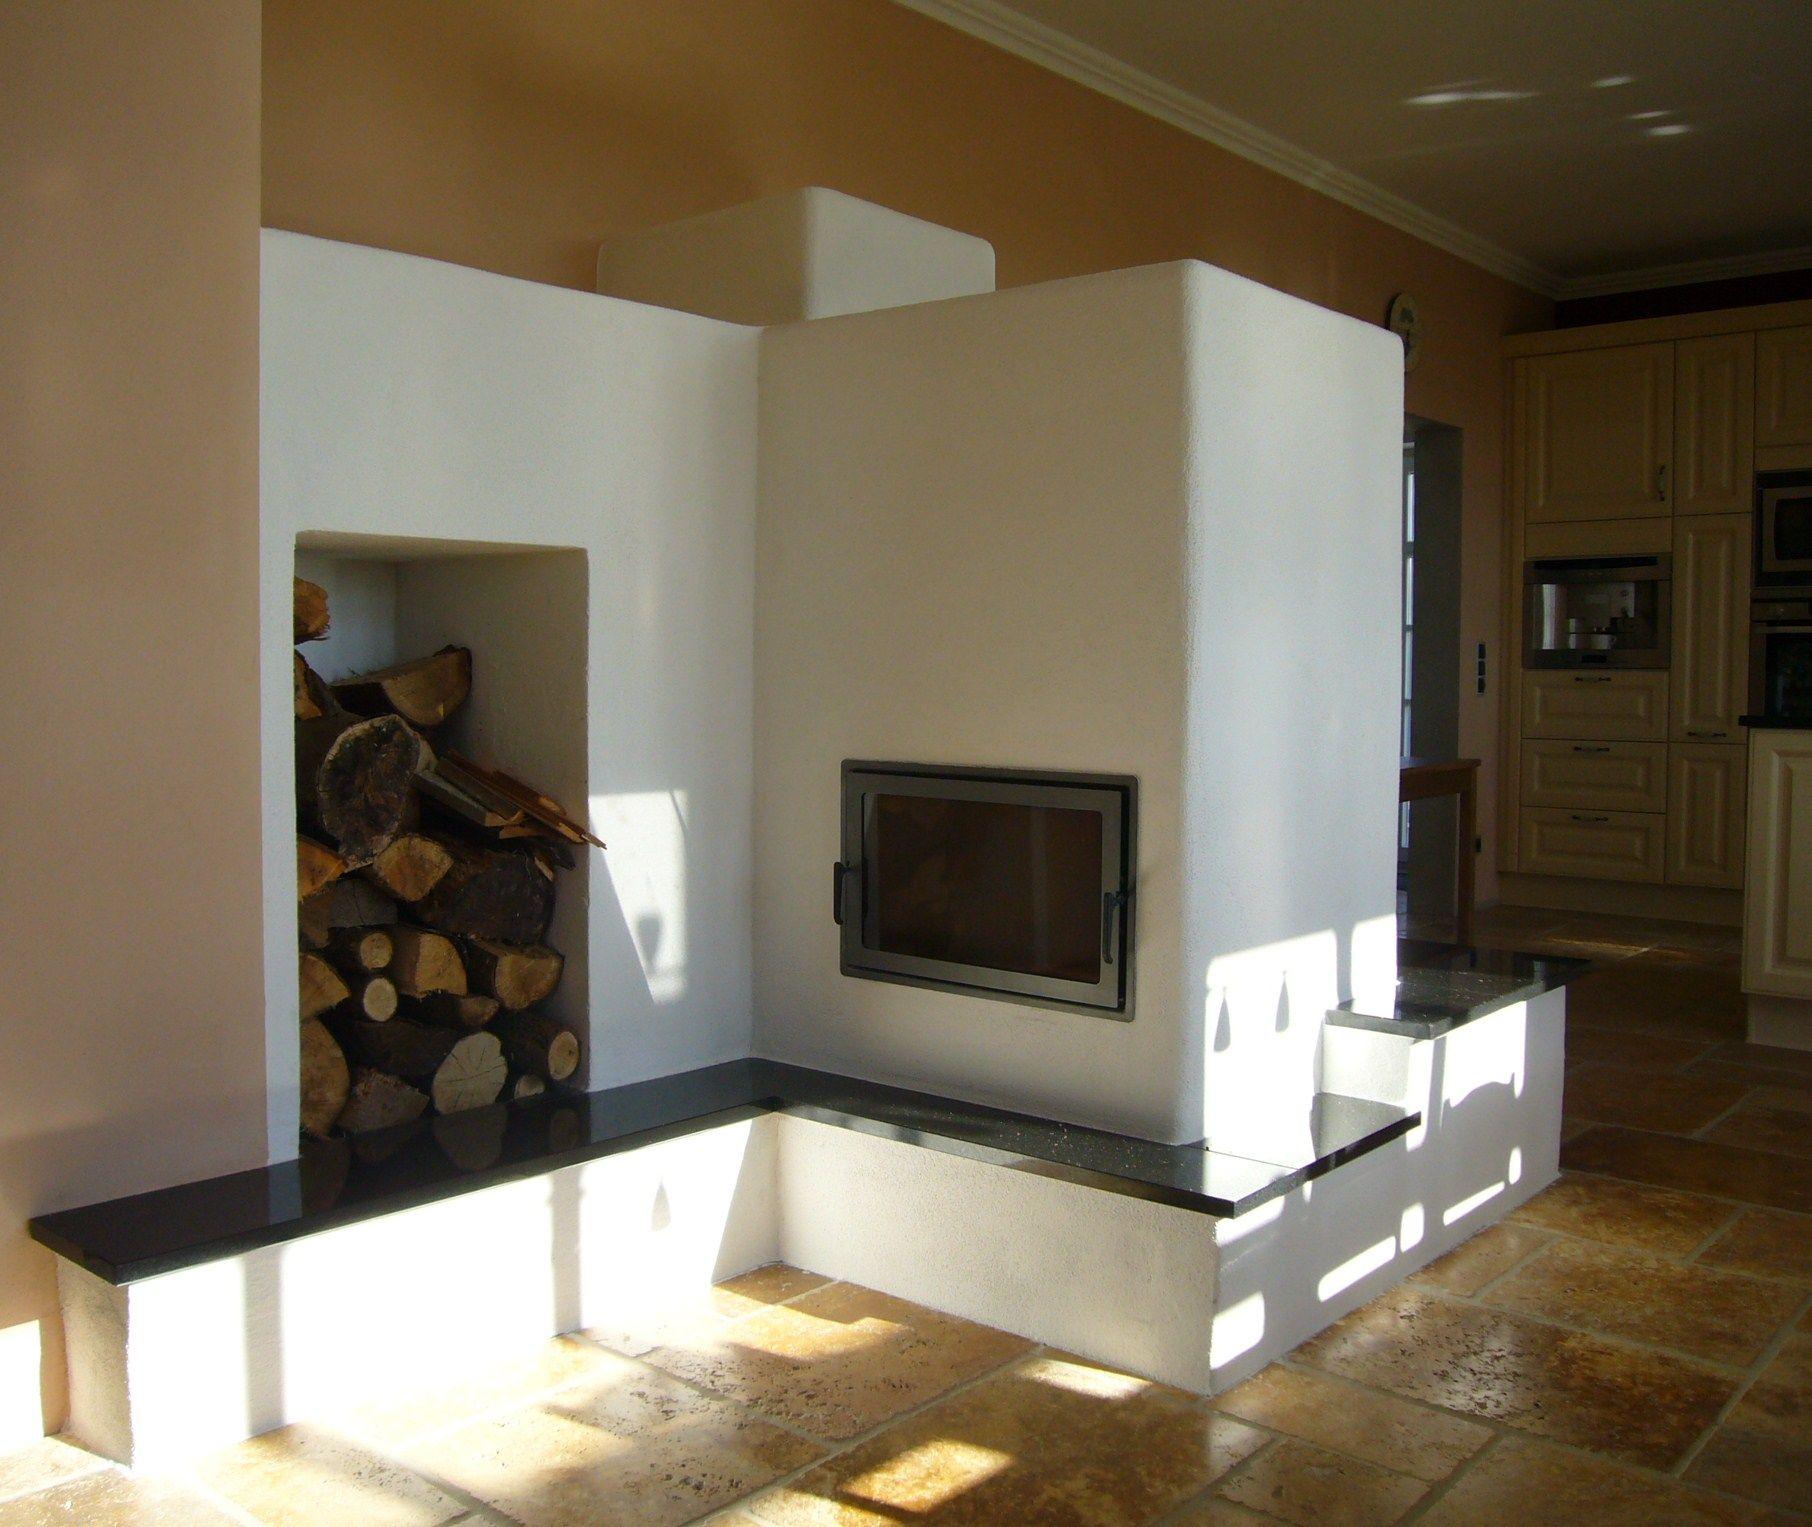 grundofen mit holzfach und sitzbank po le de masse pinterest ofen kachelofen und kacheln. Black Bedroom Furniture Sets. Home Design Ideas